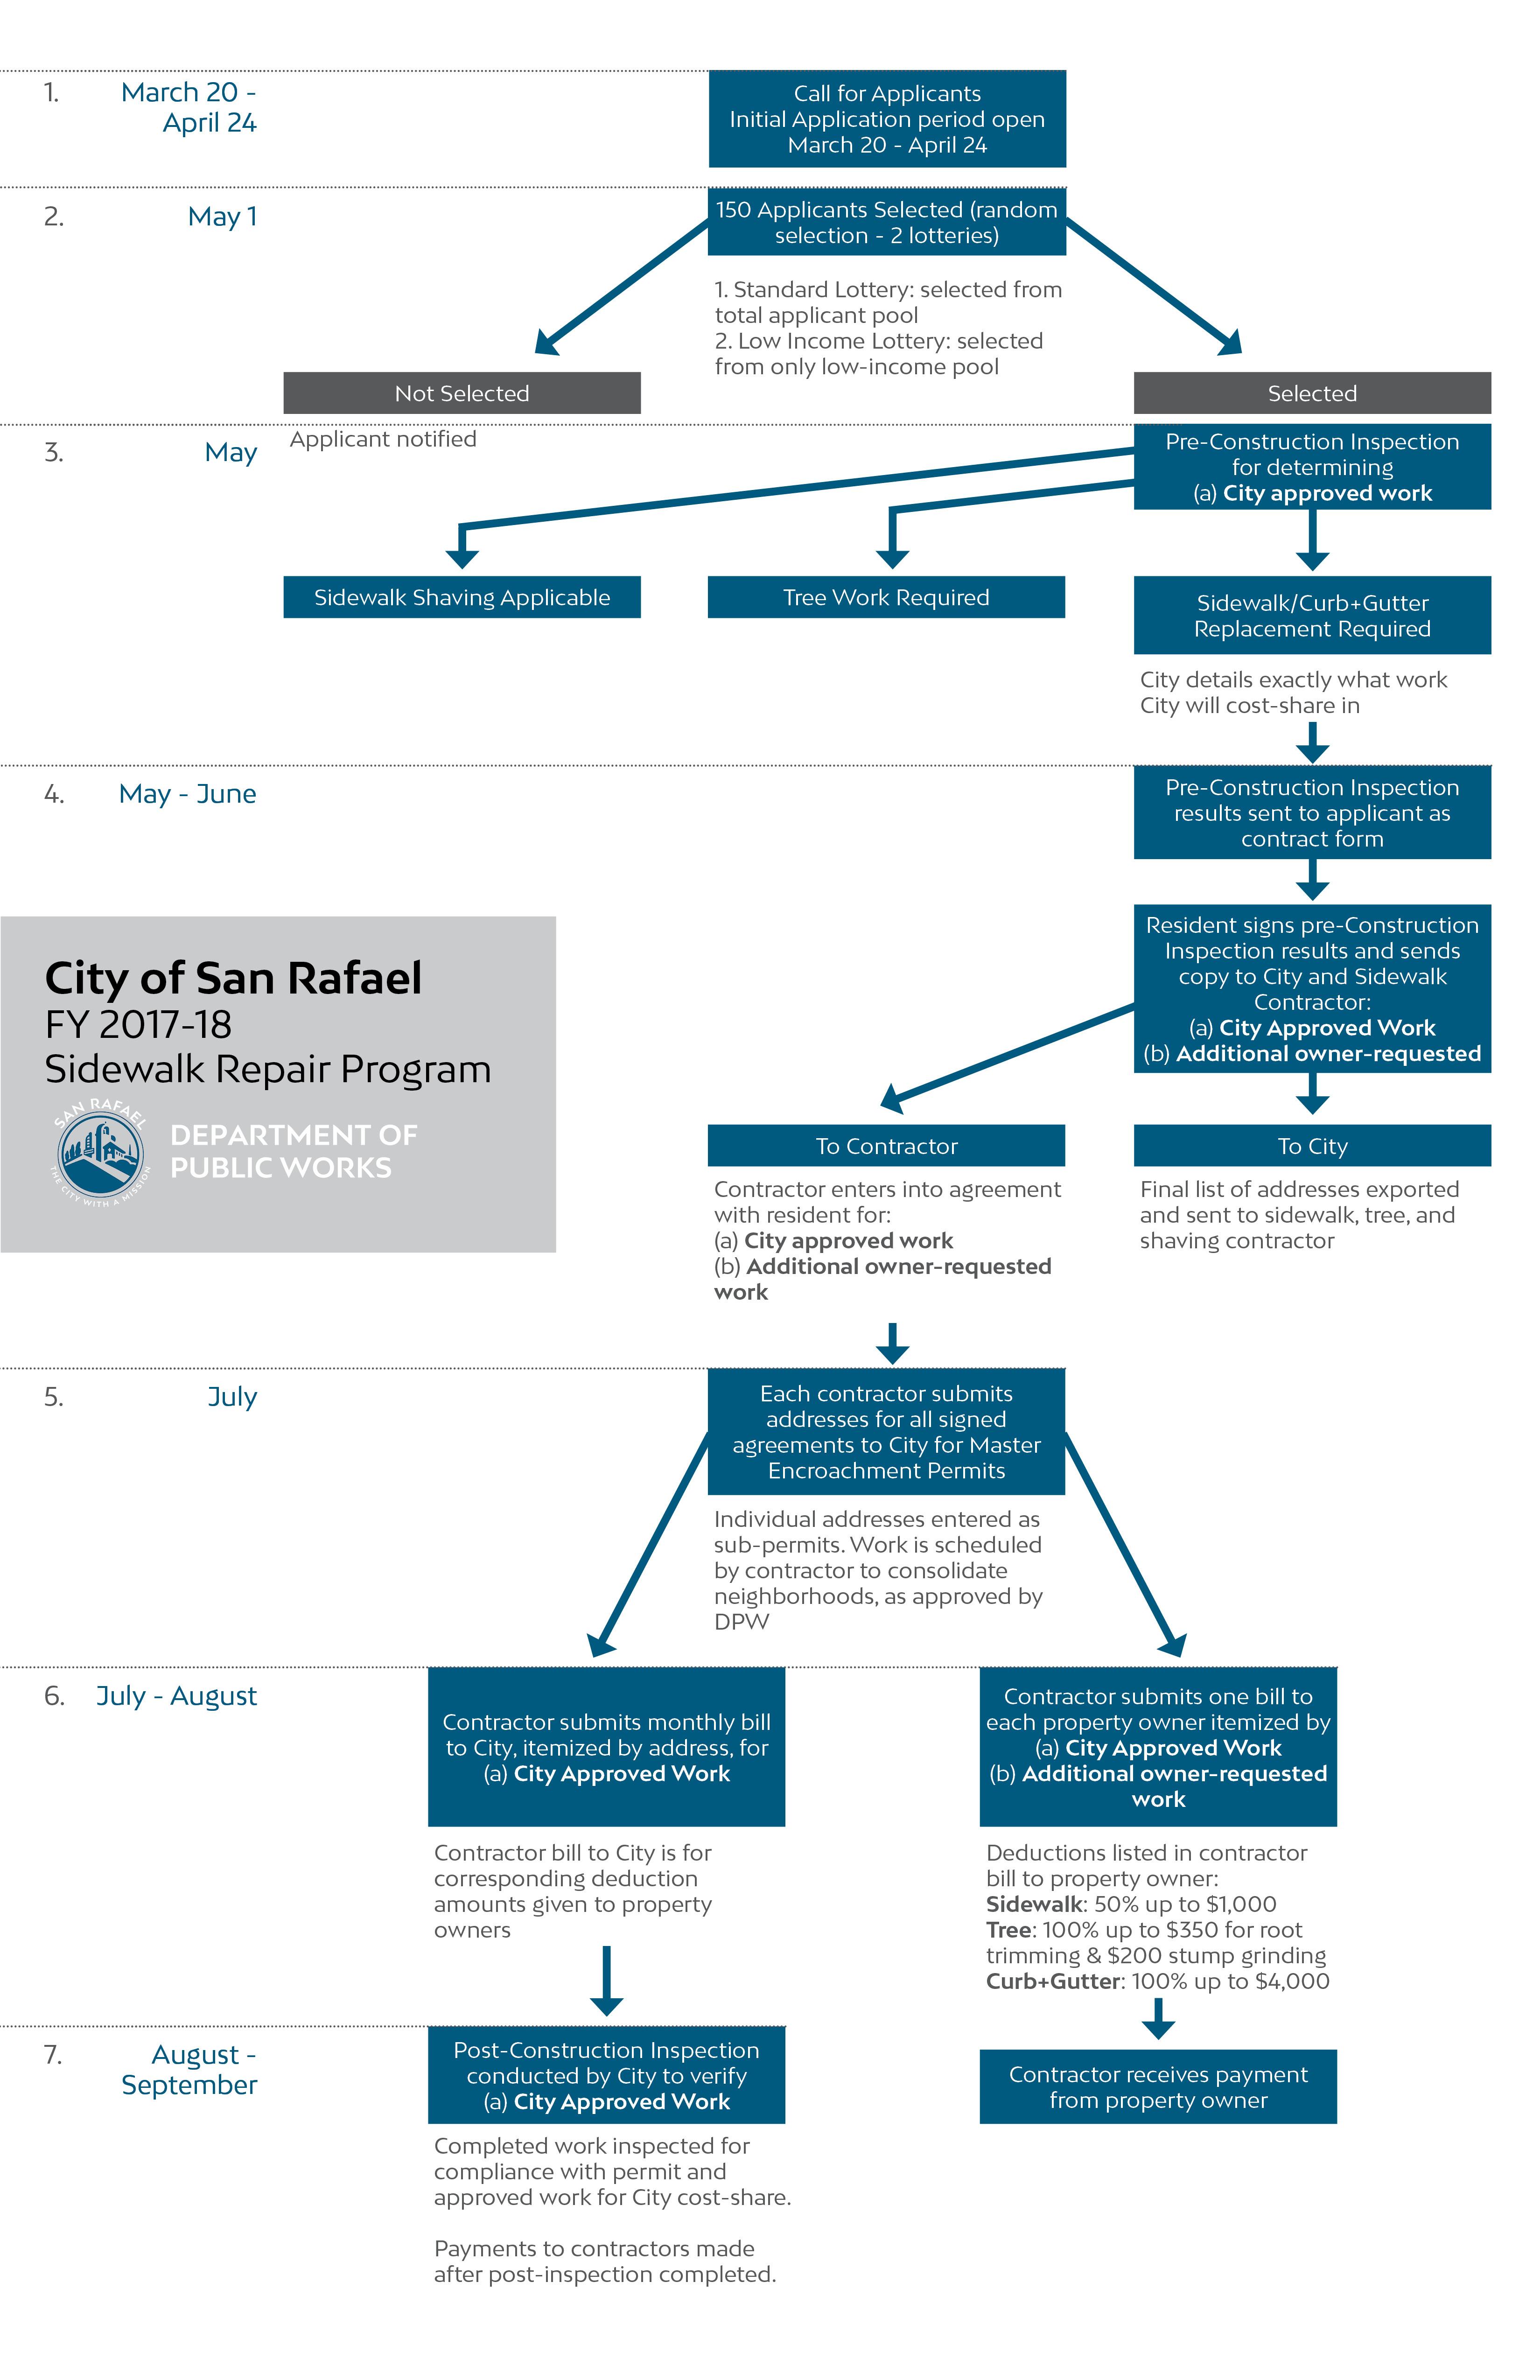 FY 2017-18 Sidewalk Repair Program Timeline